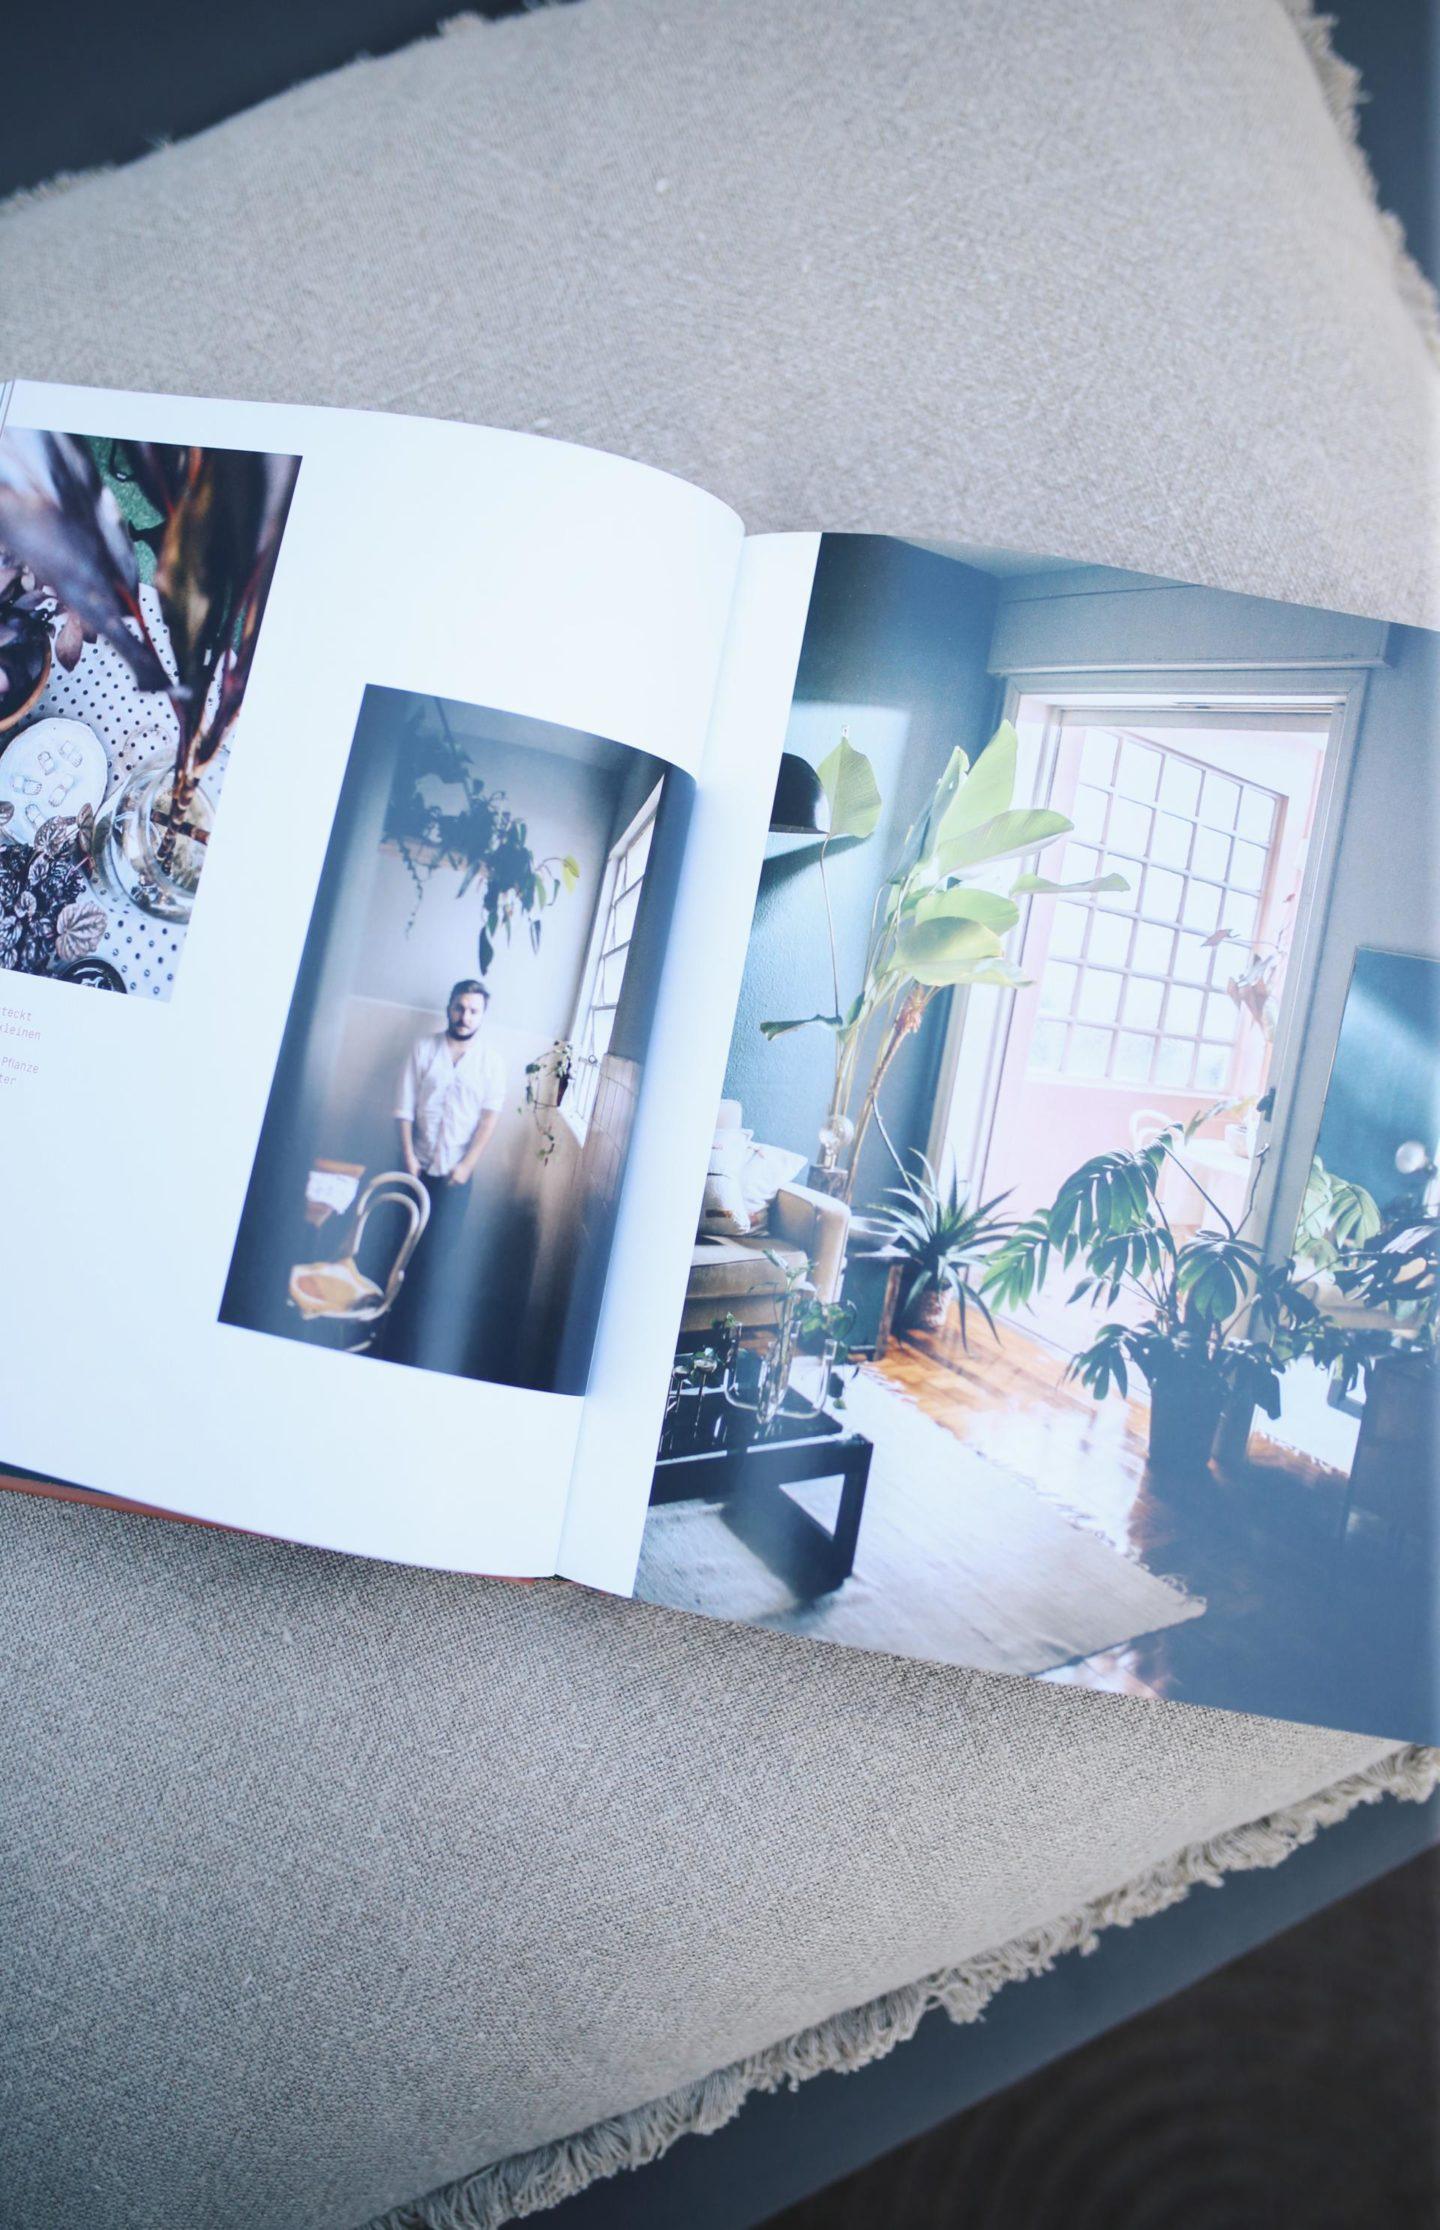 Werbung. Himmel ist das lecker! Unser Lieblingsplatz auf unserer Terrasse & das Rezept für eine moderne Charcuterie-Platte. Der Pinterest Trend 2021. Leselektüre: Plant Tribe - vom glücklichen Leben mit Pflanzen vin Judith de Graaff und Igor Josifovic.